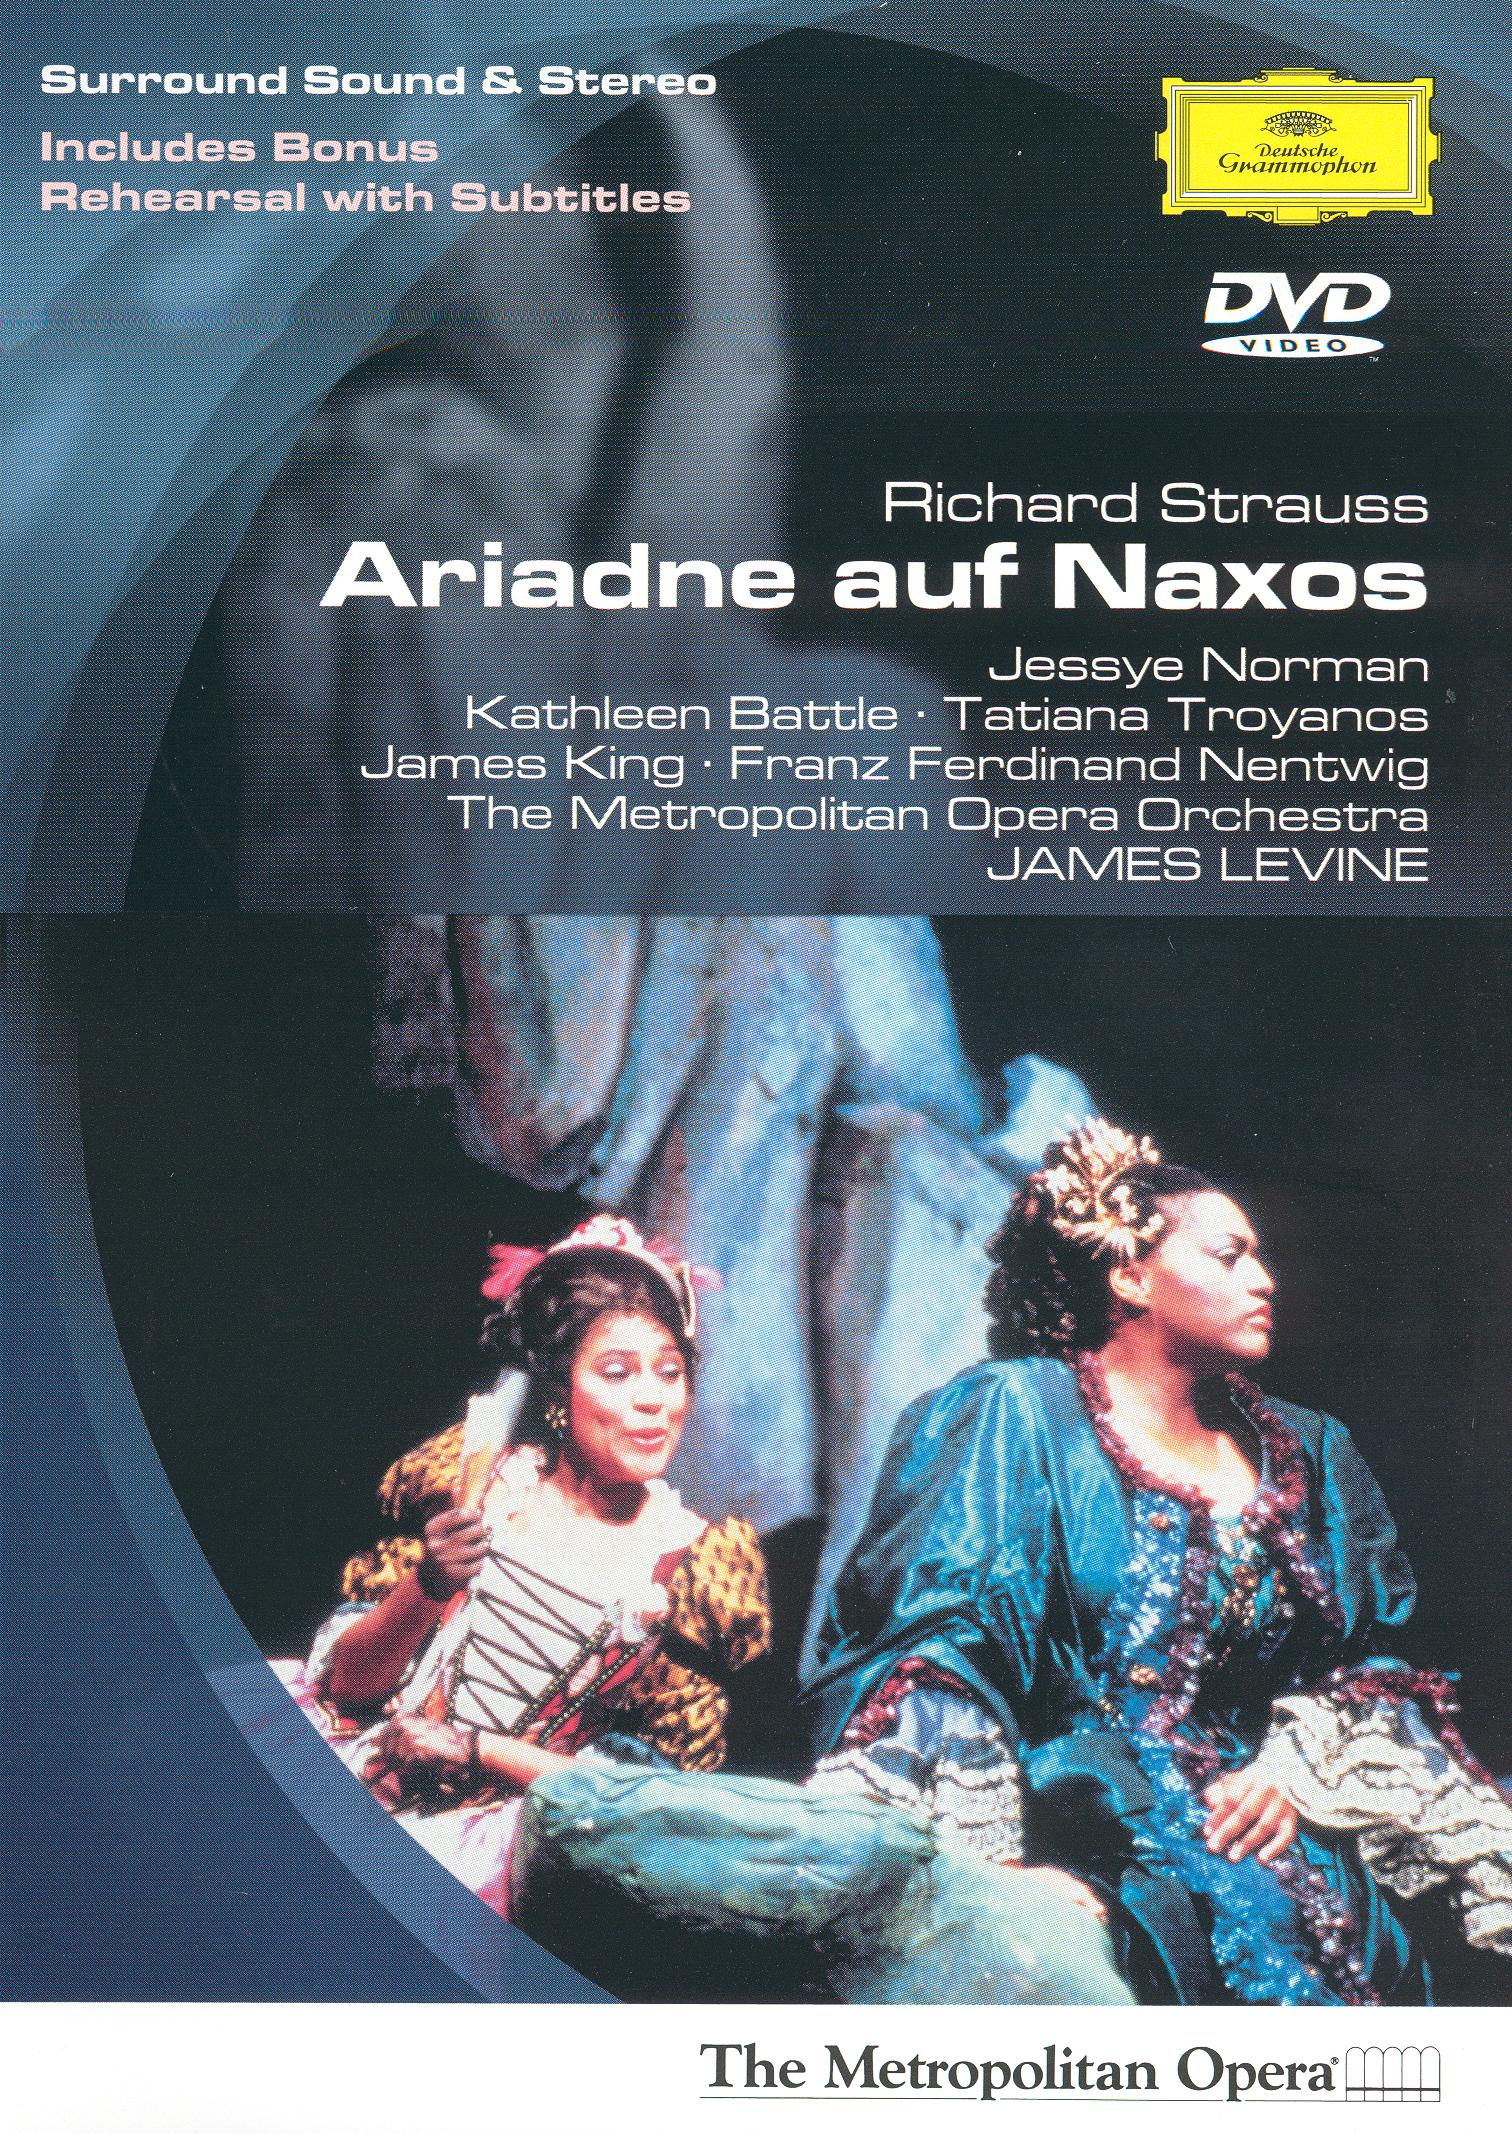 Ariadne auf Naxos (The Metropolitan Opera)